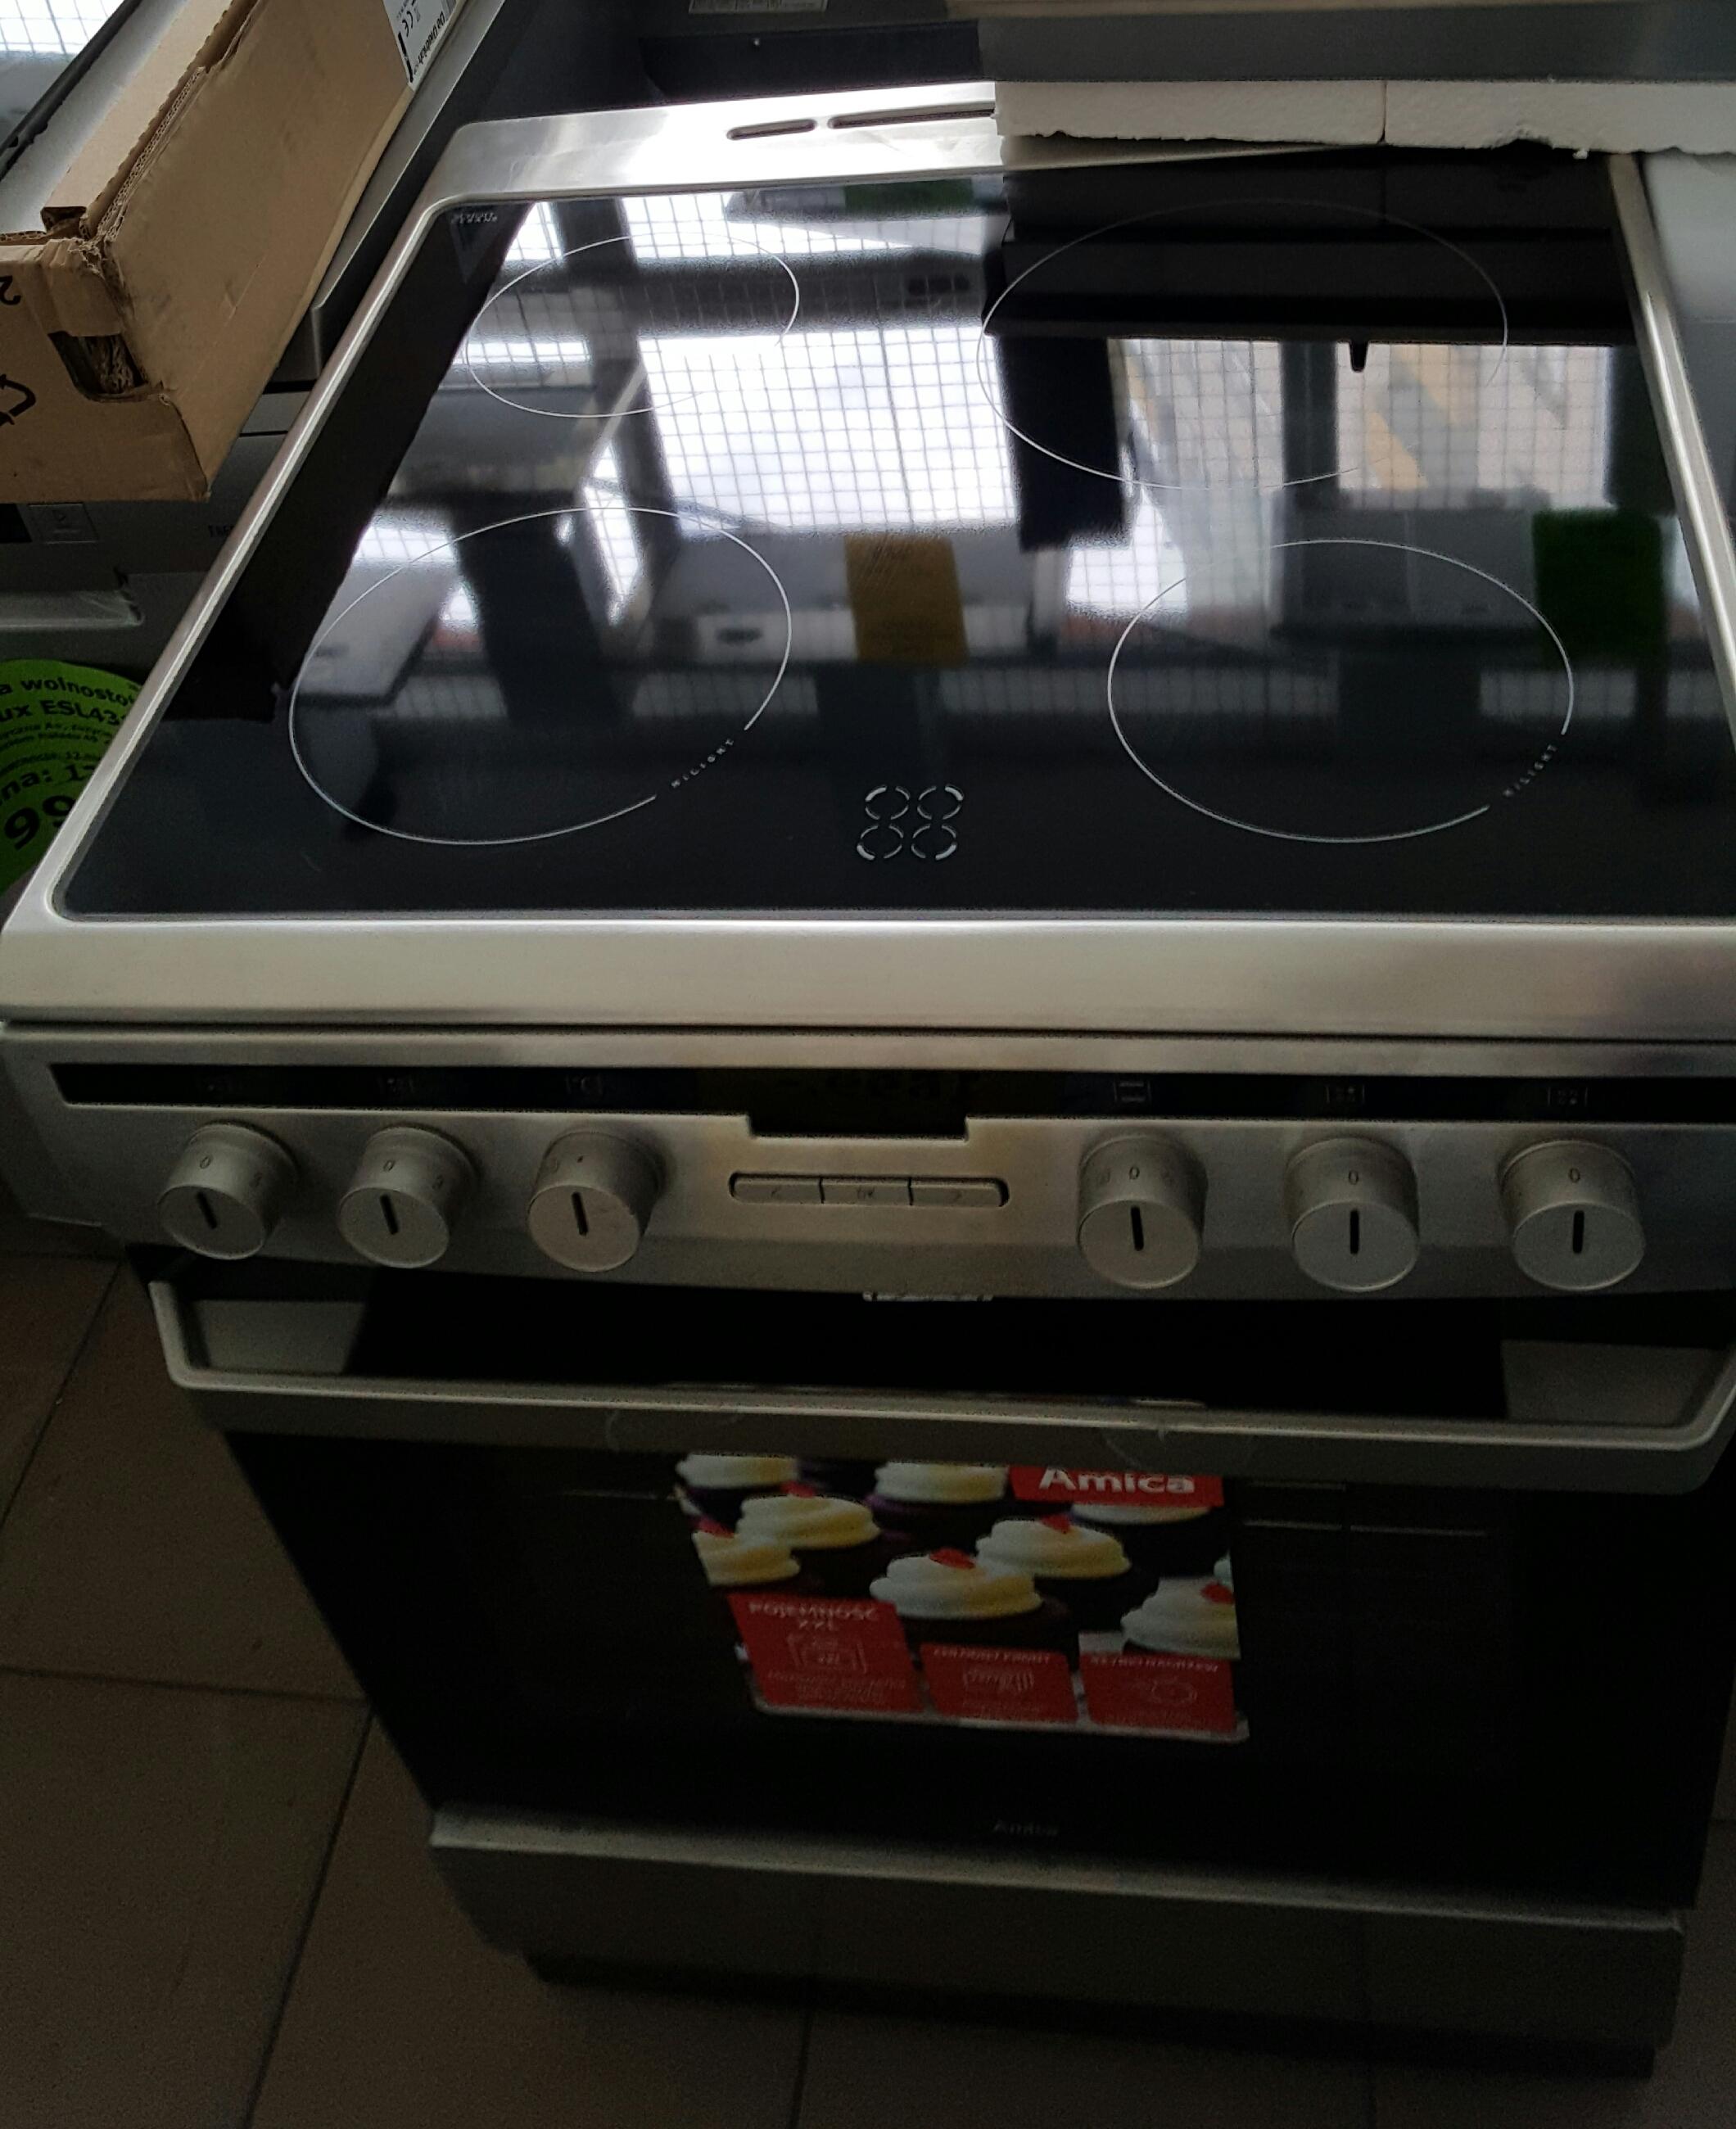 Kuchnia elektryczna ceramiczna Amica 618CE3 333HTAQ(XX)  Ekspert Serwis -> Kuchnie Gazowe Elektryczne Amica